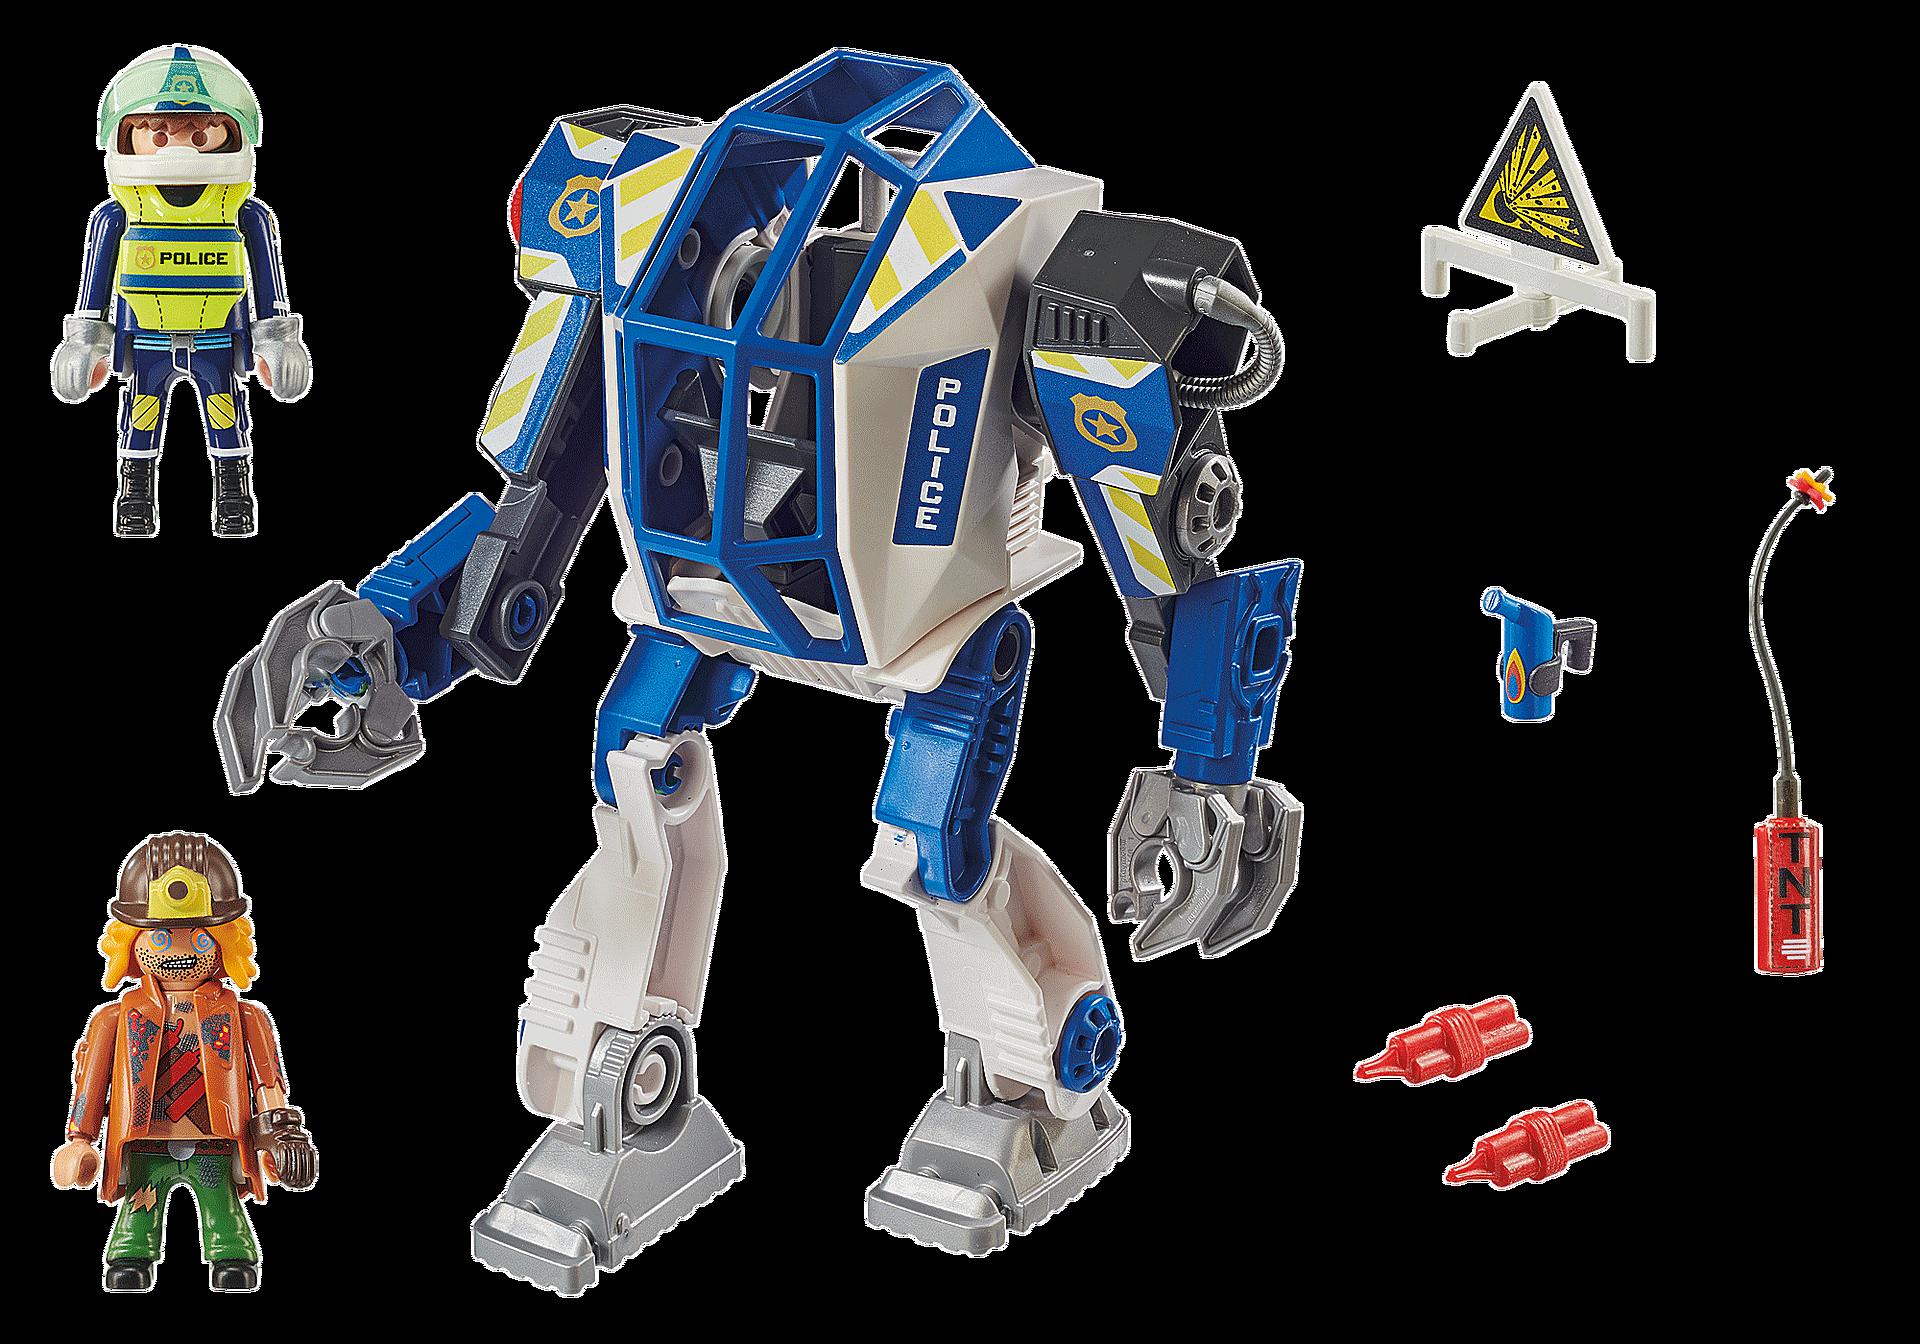 70571 Politirobot: Specialindsats  zoom image3